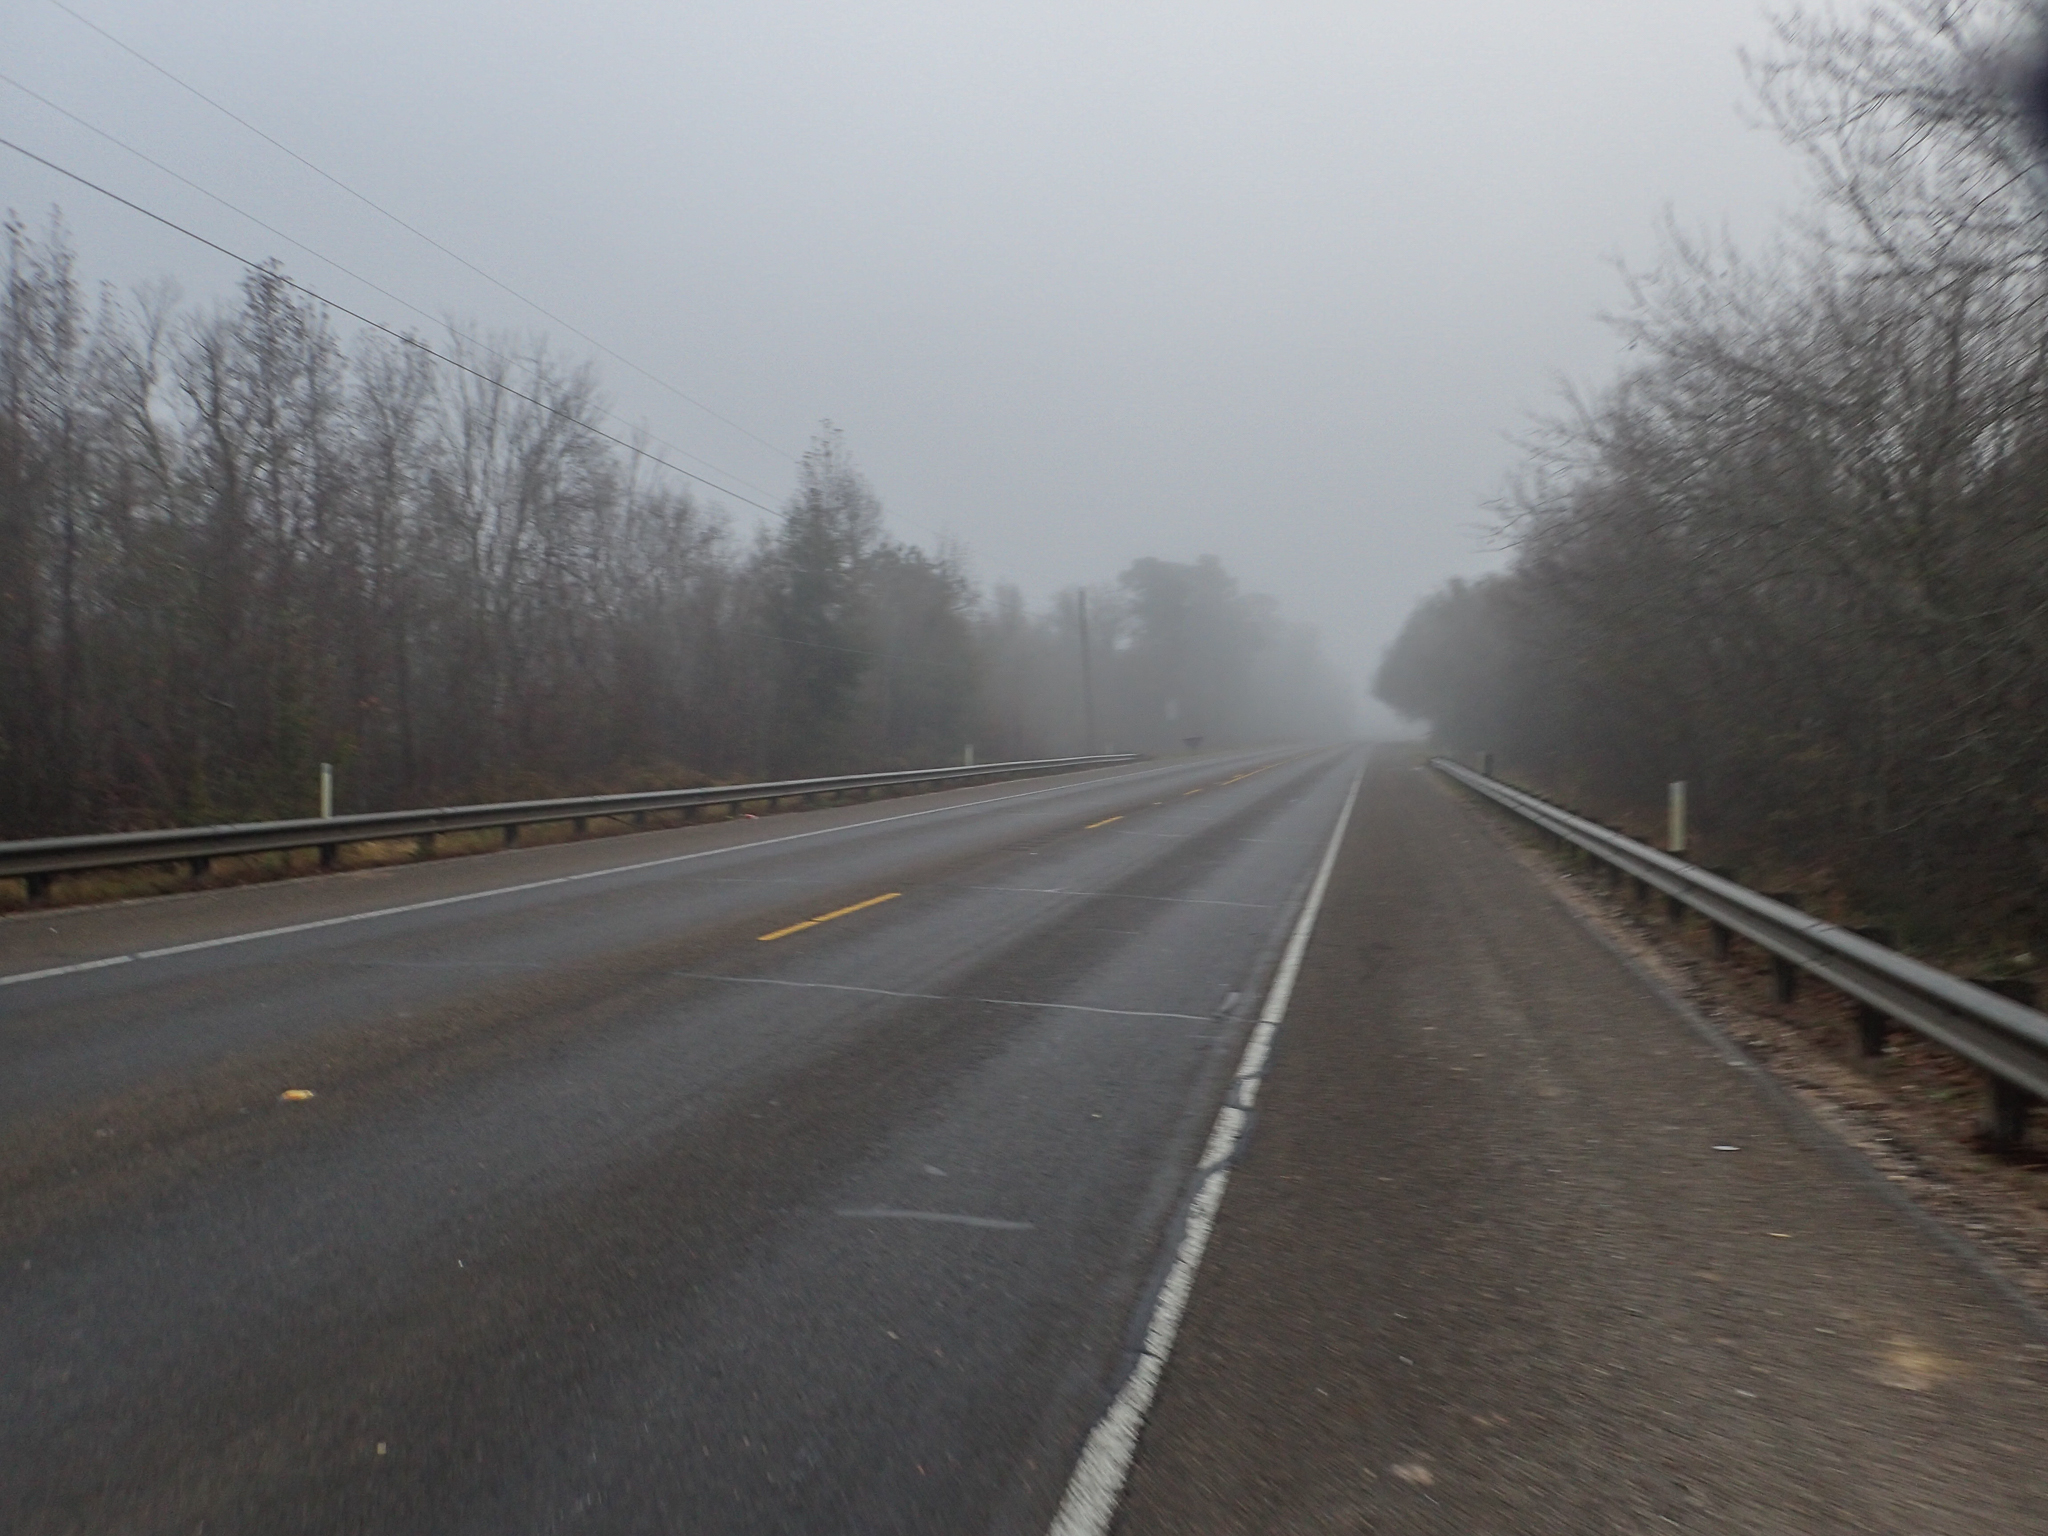 Foggy day in Louisiana